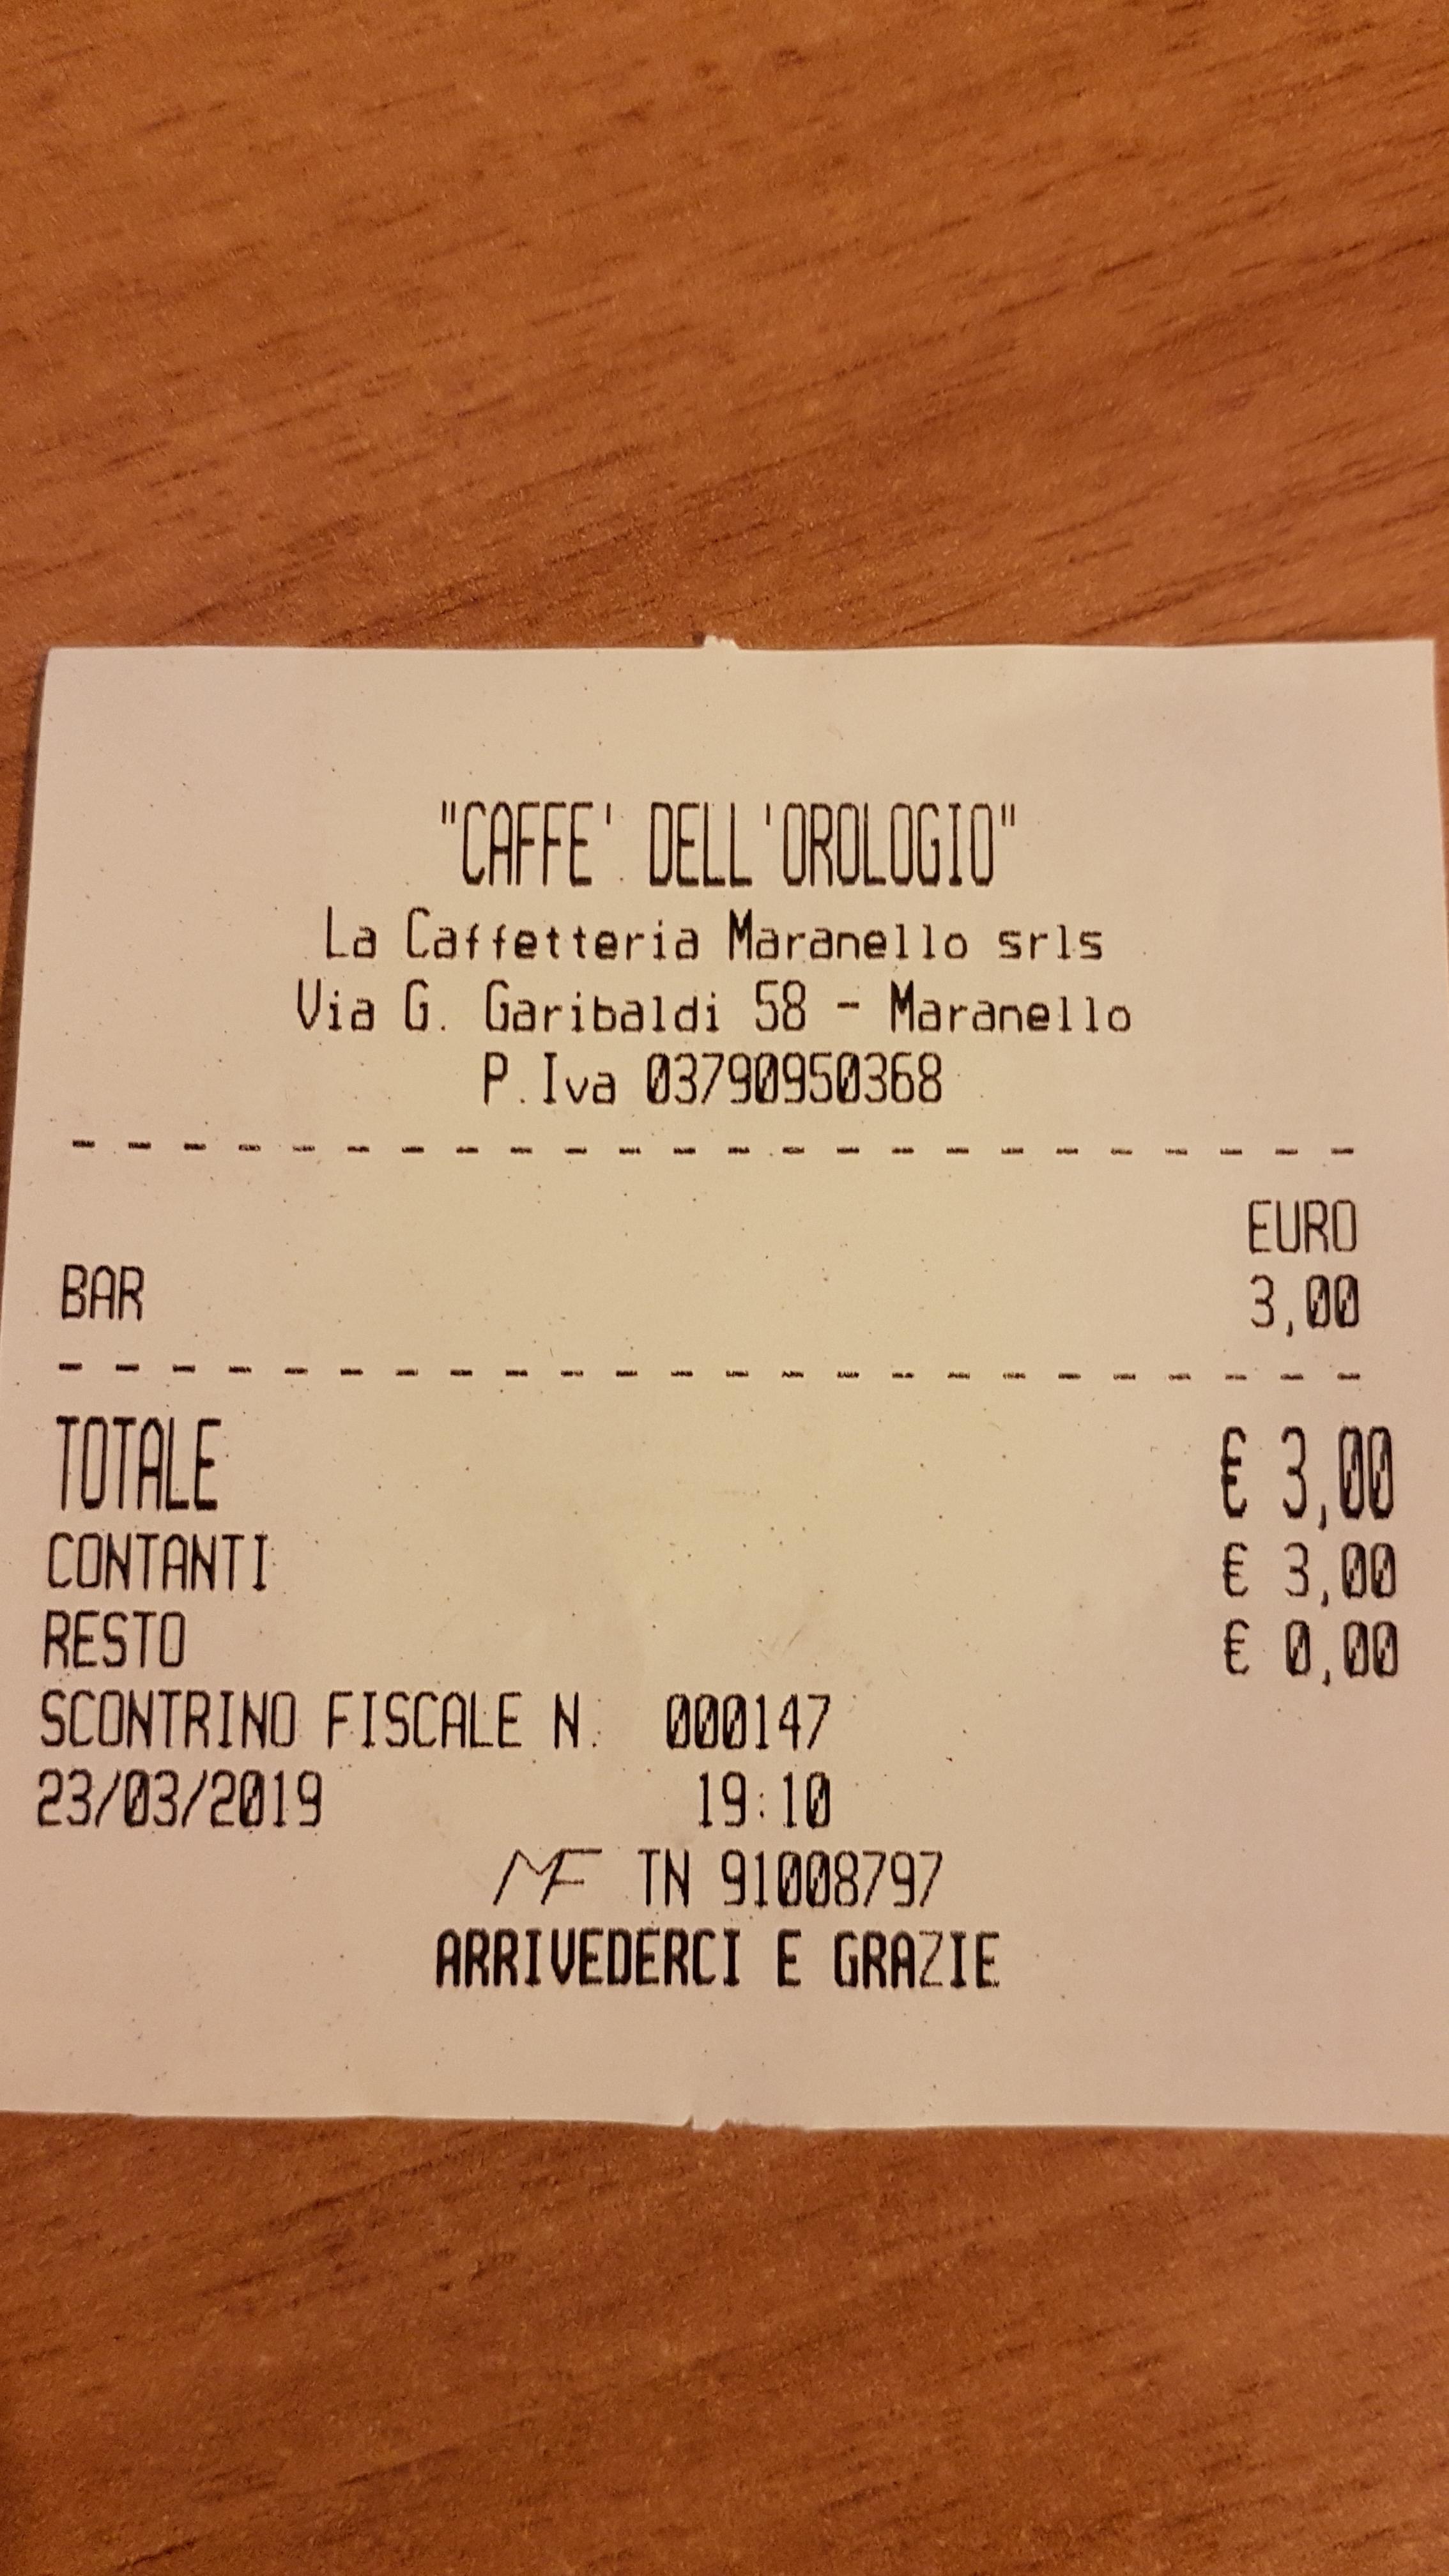 caffe dellorologio scontrinojpg